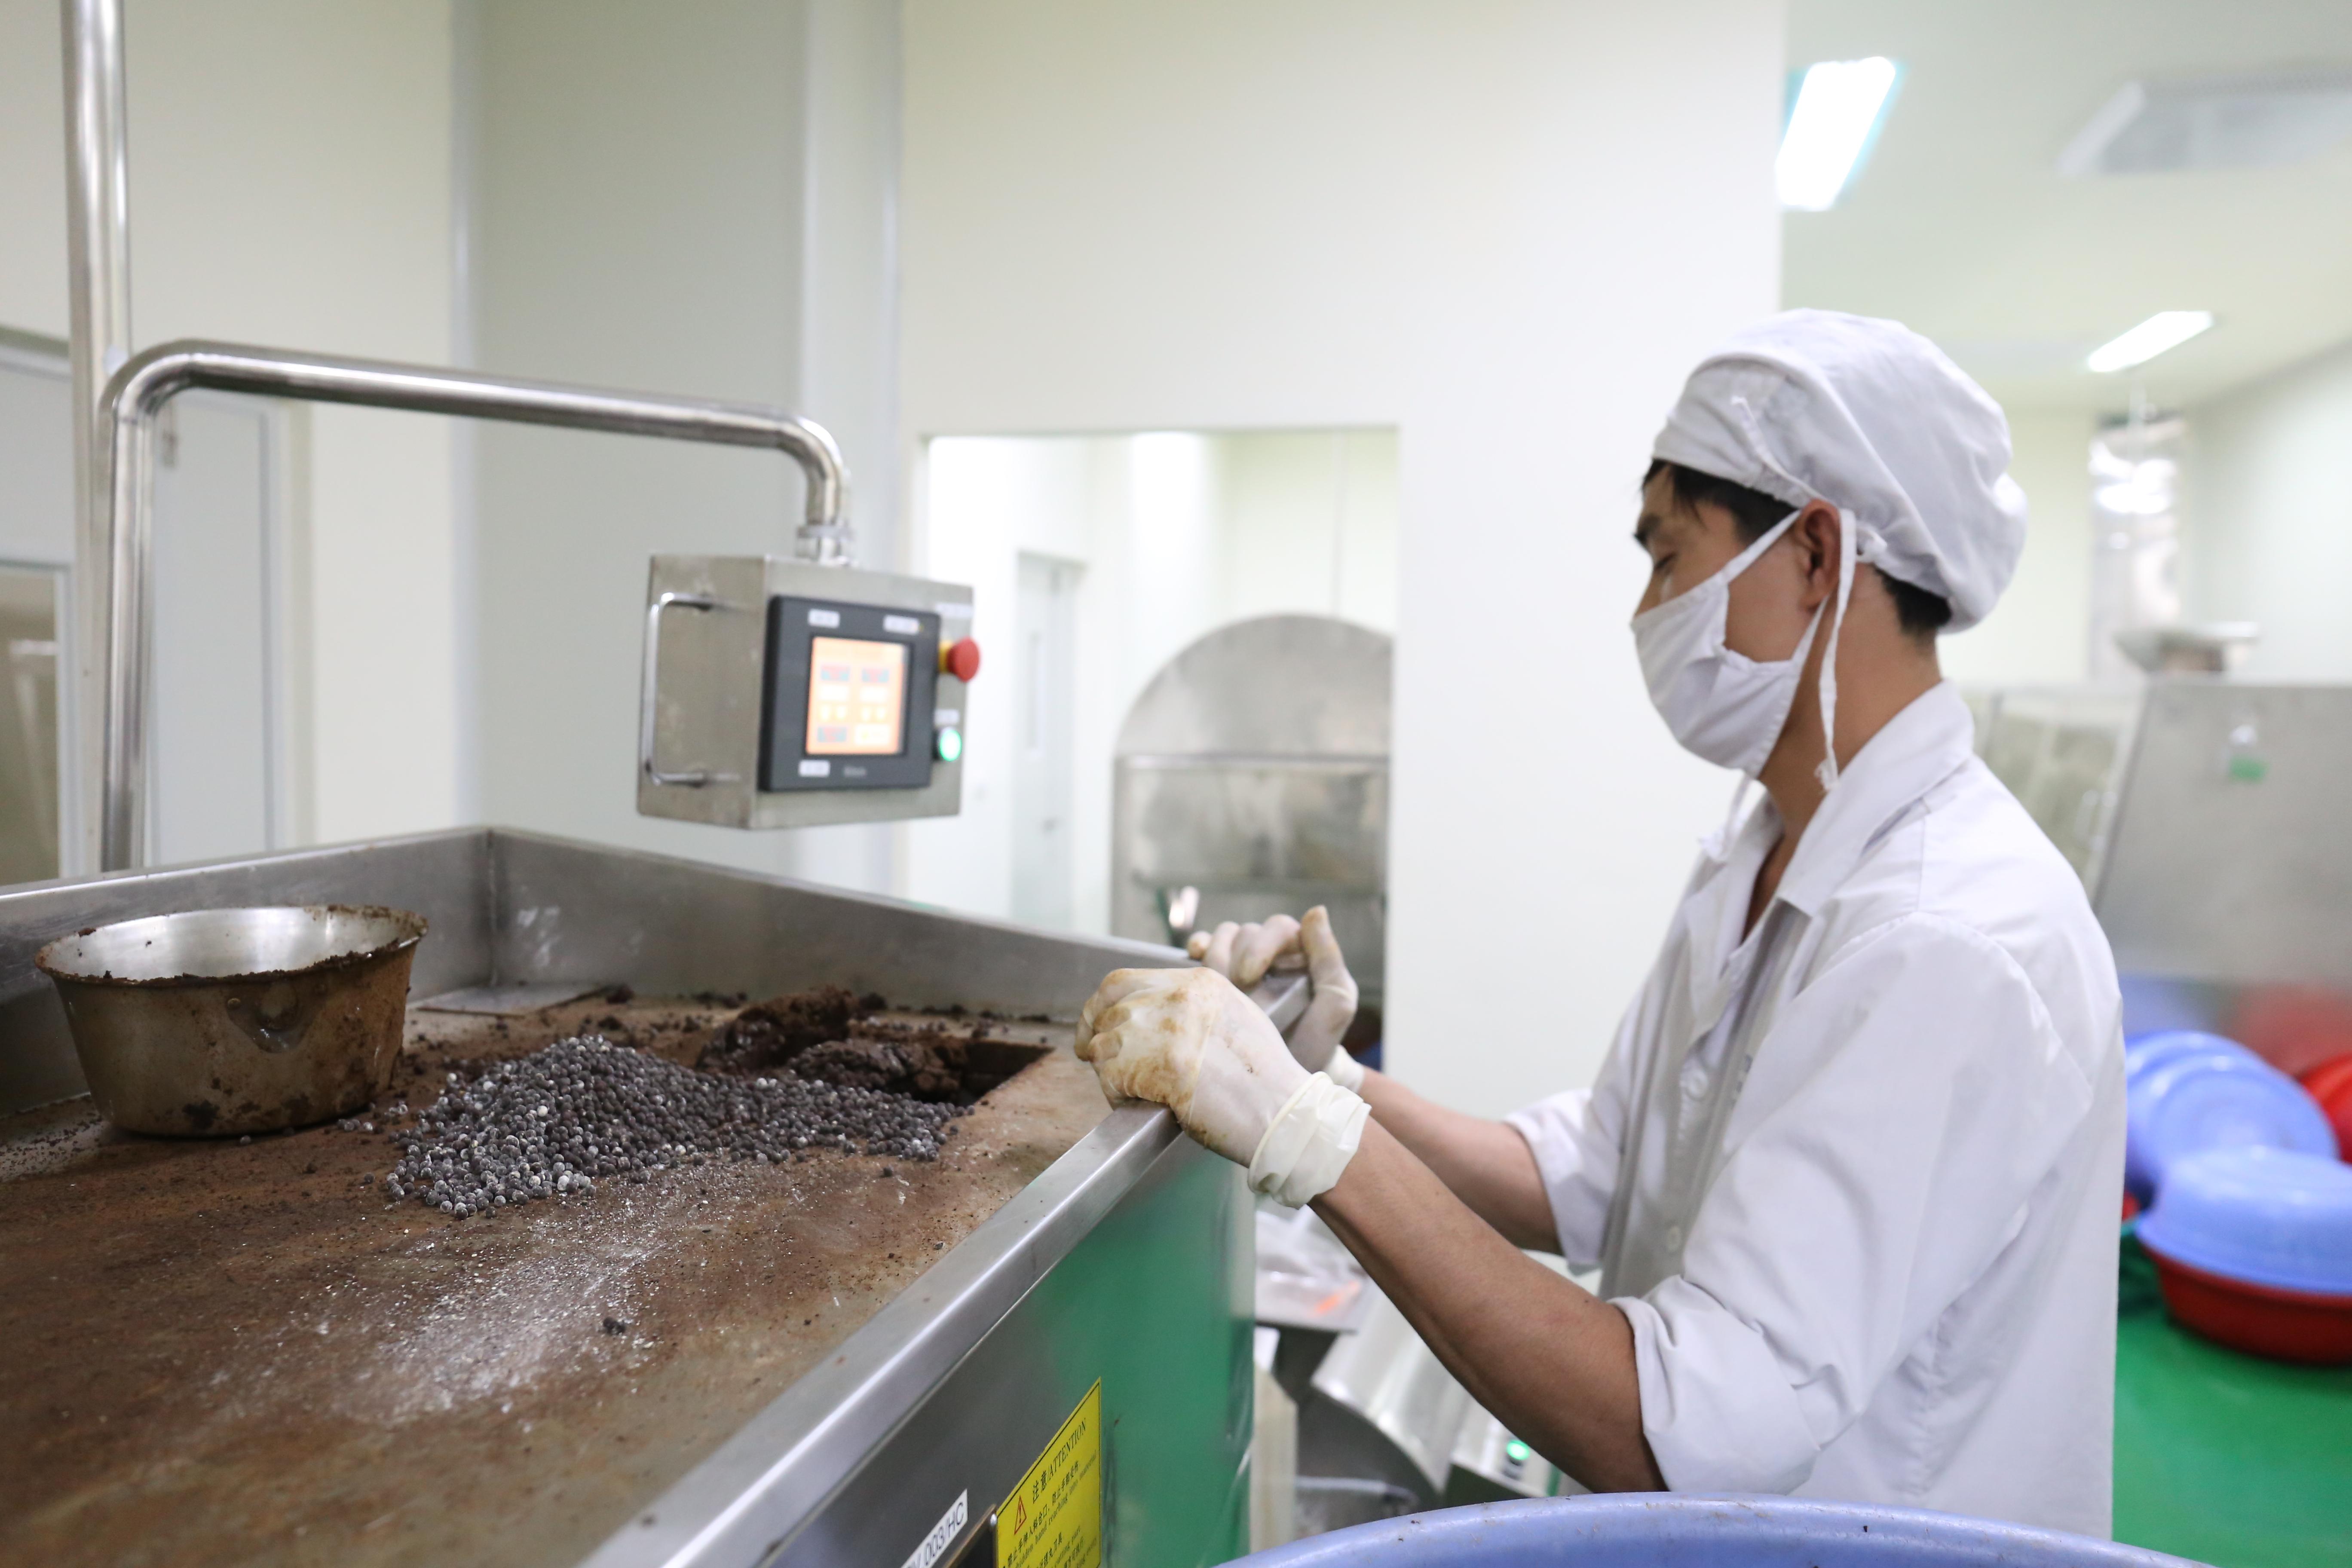 Sao Thái Dương mới được công nhận là doanh nghiệp KHCN từ năm 2016. Trước đó 11 năm, họ đã nhận được ưu đãi đầu tư vào Khu công nghiệp Đồng Văn I, Hà Nam nên bây giờ, nếu áp dụng ưu đãi của nghị định 80 về DN KHCN, họ chỉ nhận ưu đãi thuế 10% trong 4 năm nữa, trong đó 2 năm đầu là giảm 50% thuế. Ảnh: Bảo Như